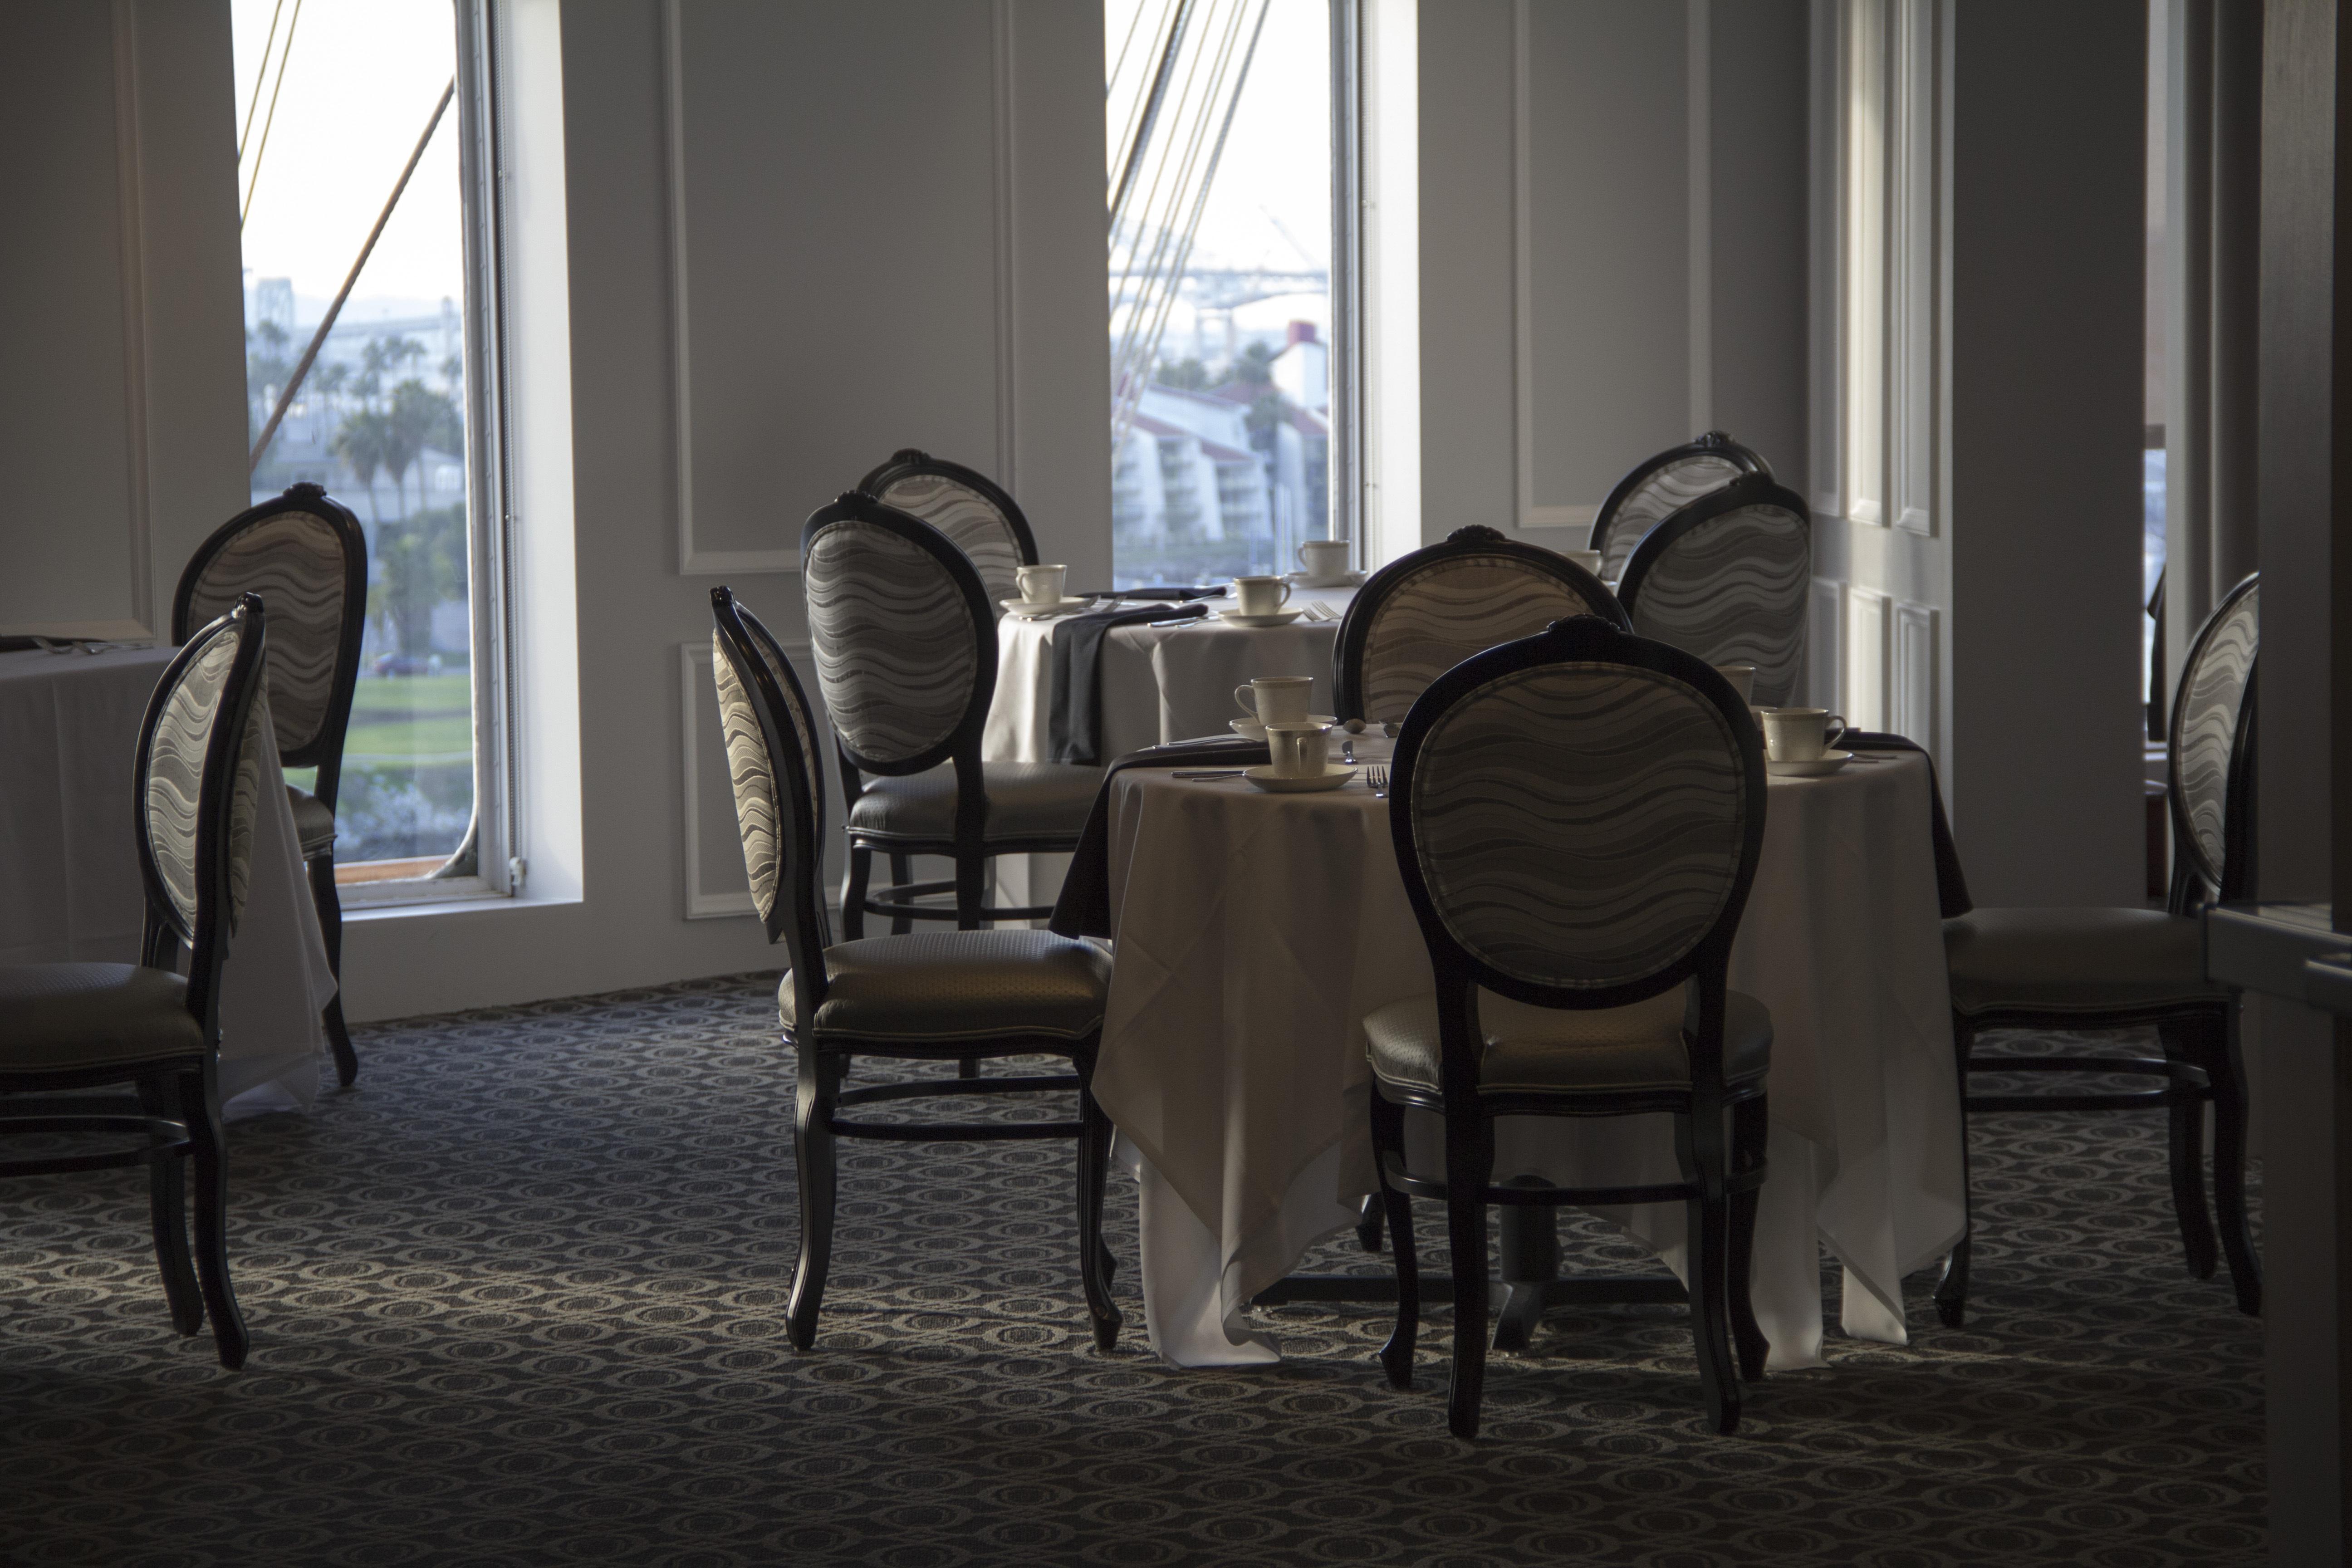 Kostenlose foto : Tabelle, Licht, Sessel, Stock, Innere, Fenster ...